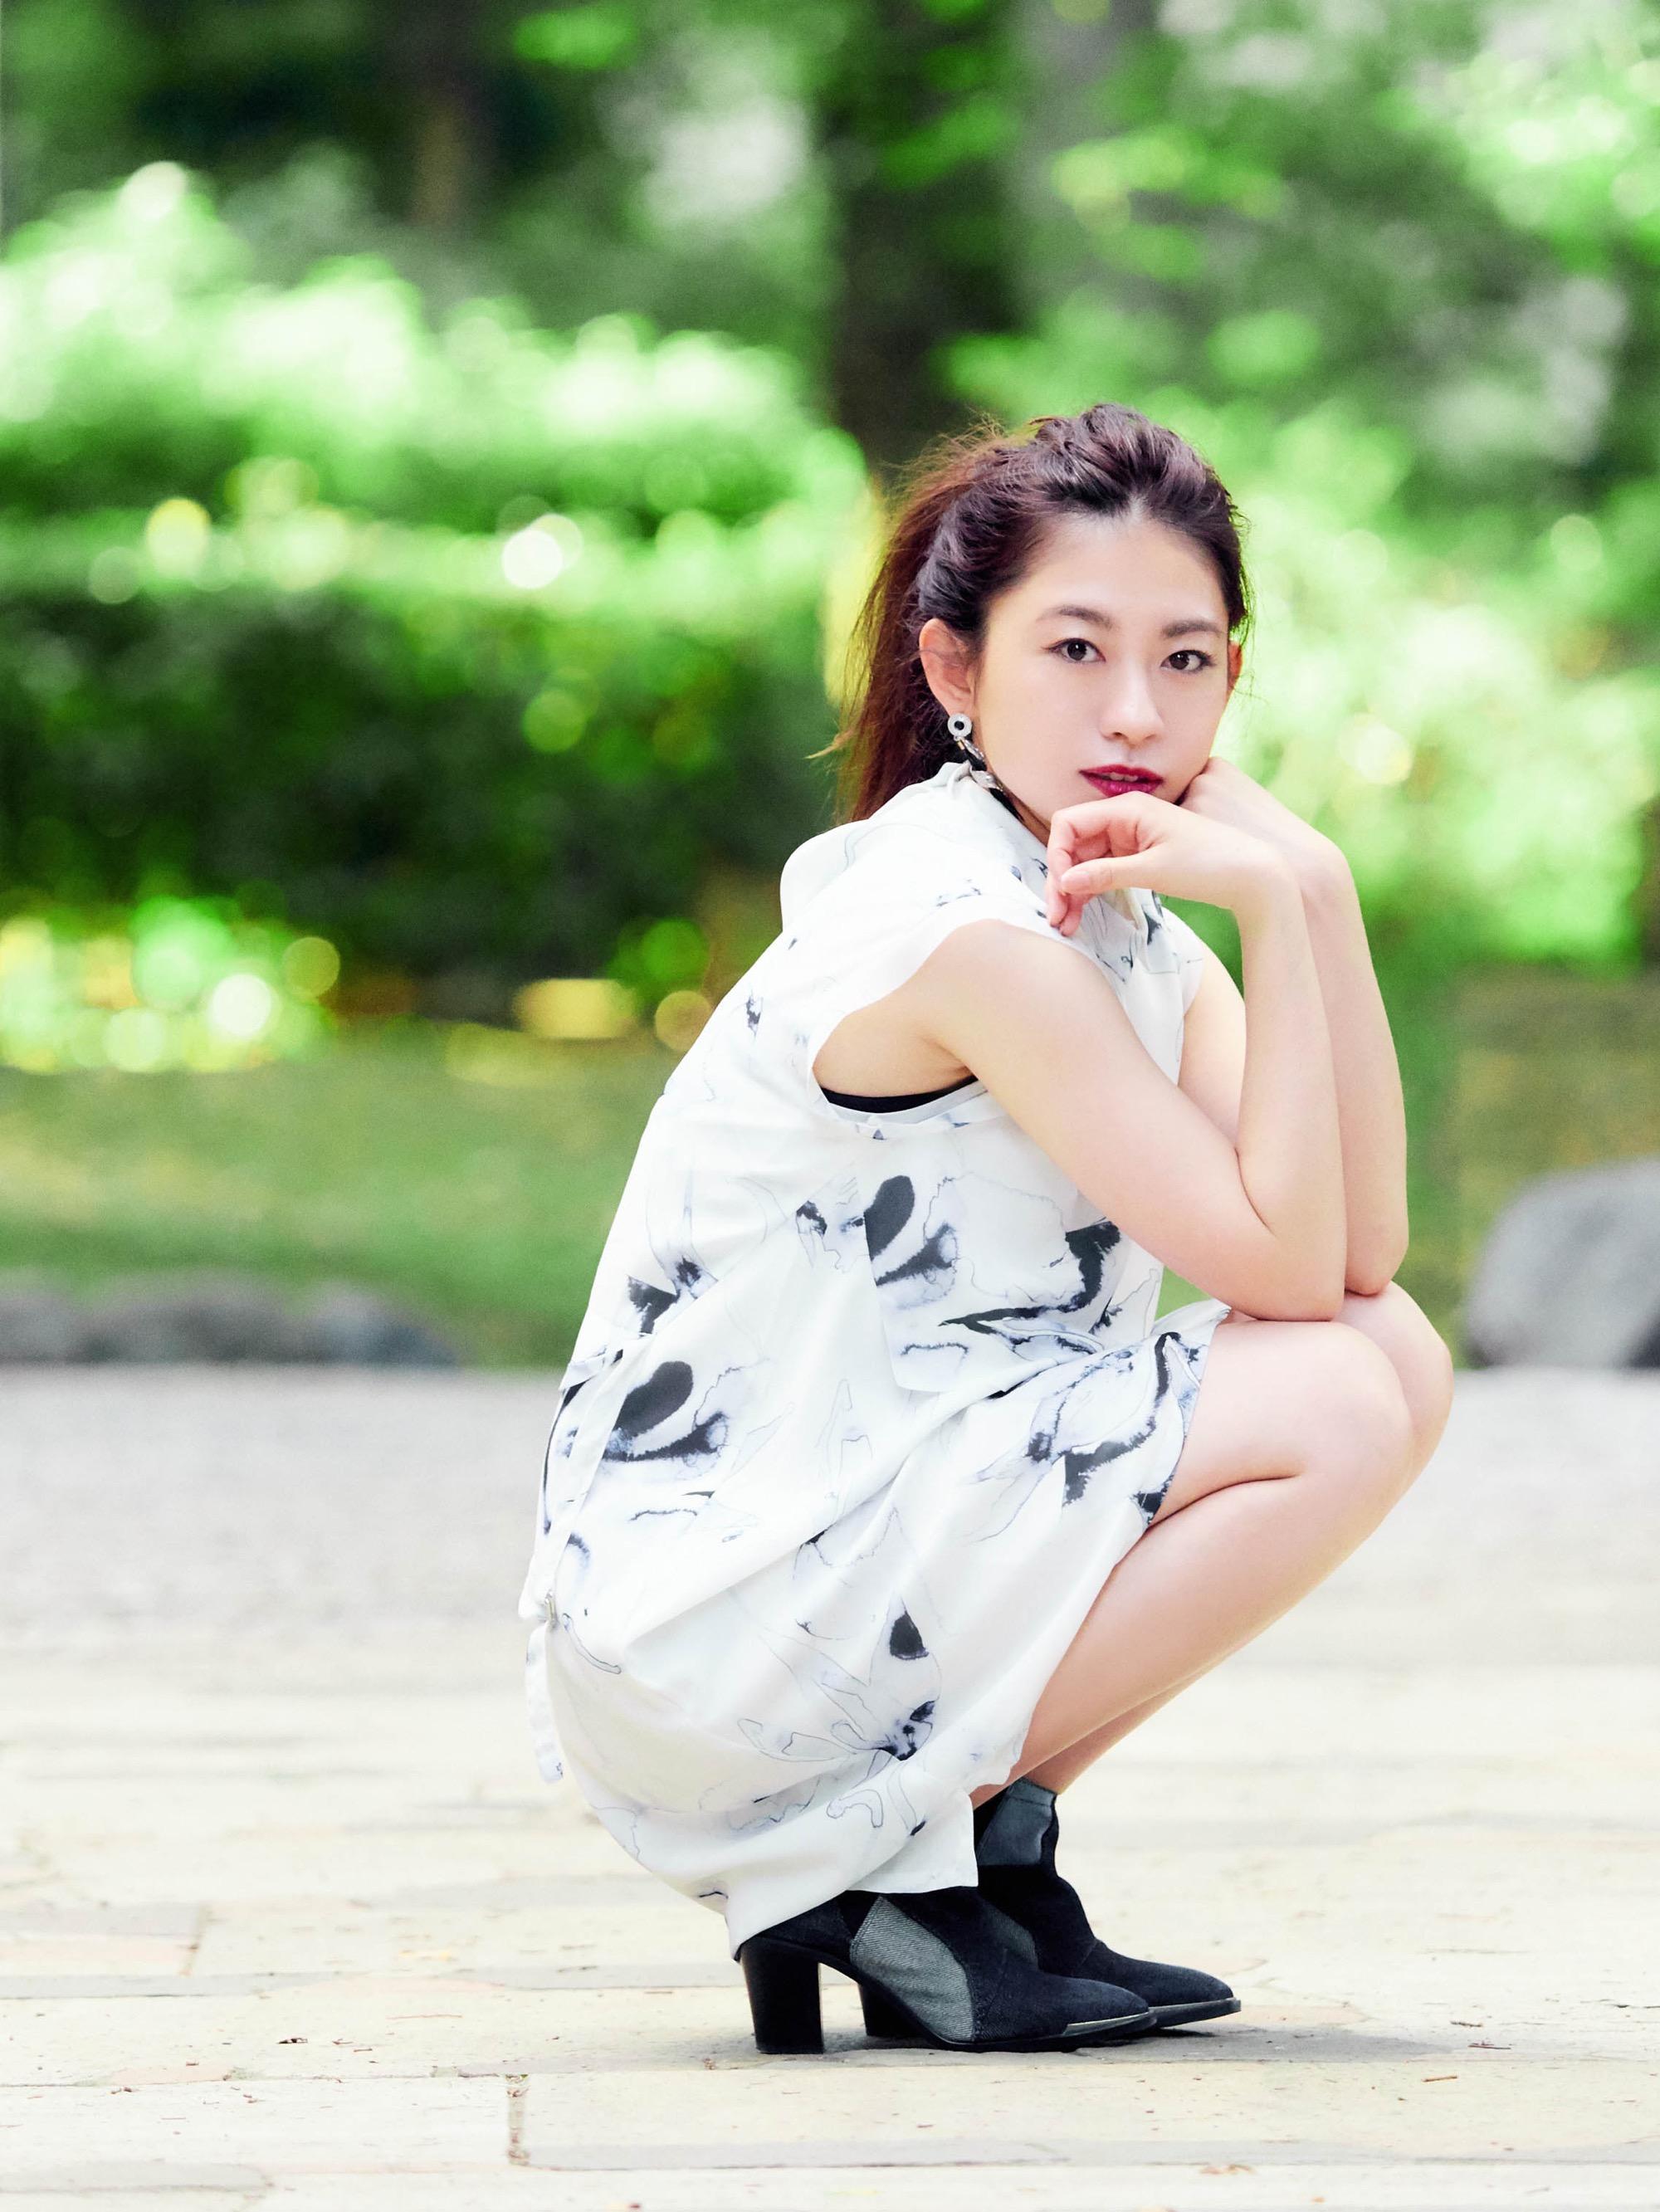 株式会社パールダッシュ所属:文化人 コレオグラファー(振付師)/ダンサー【笹部 佳那】